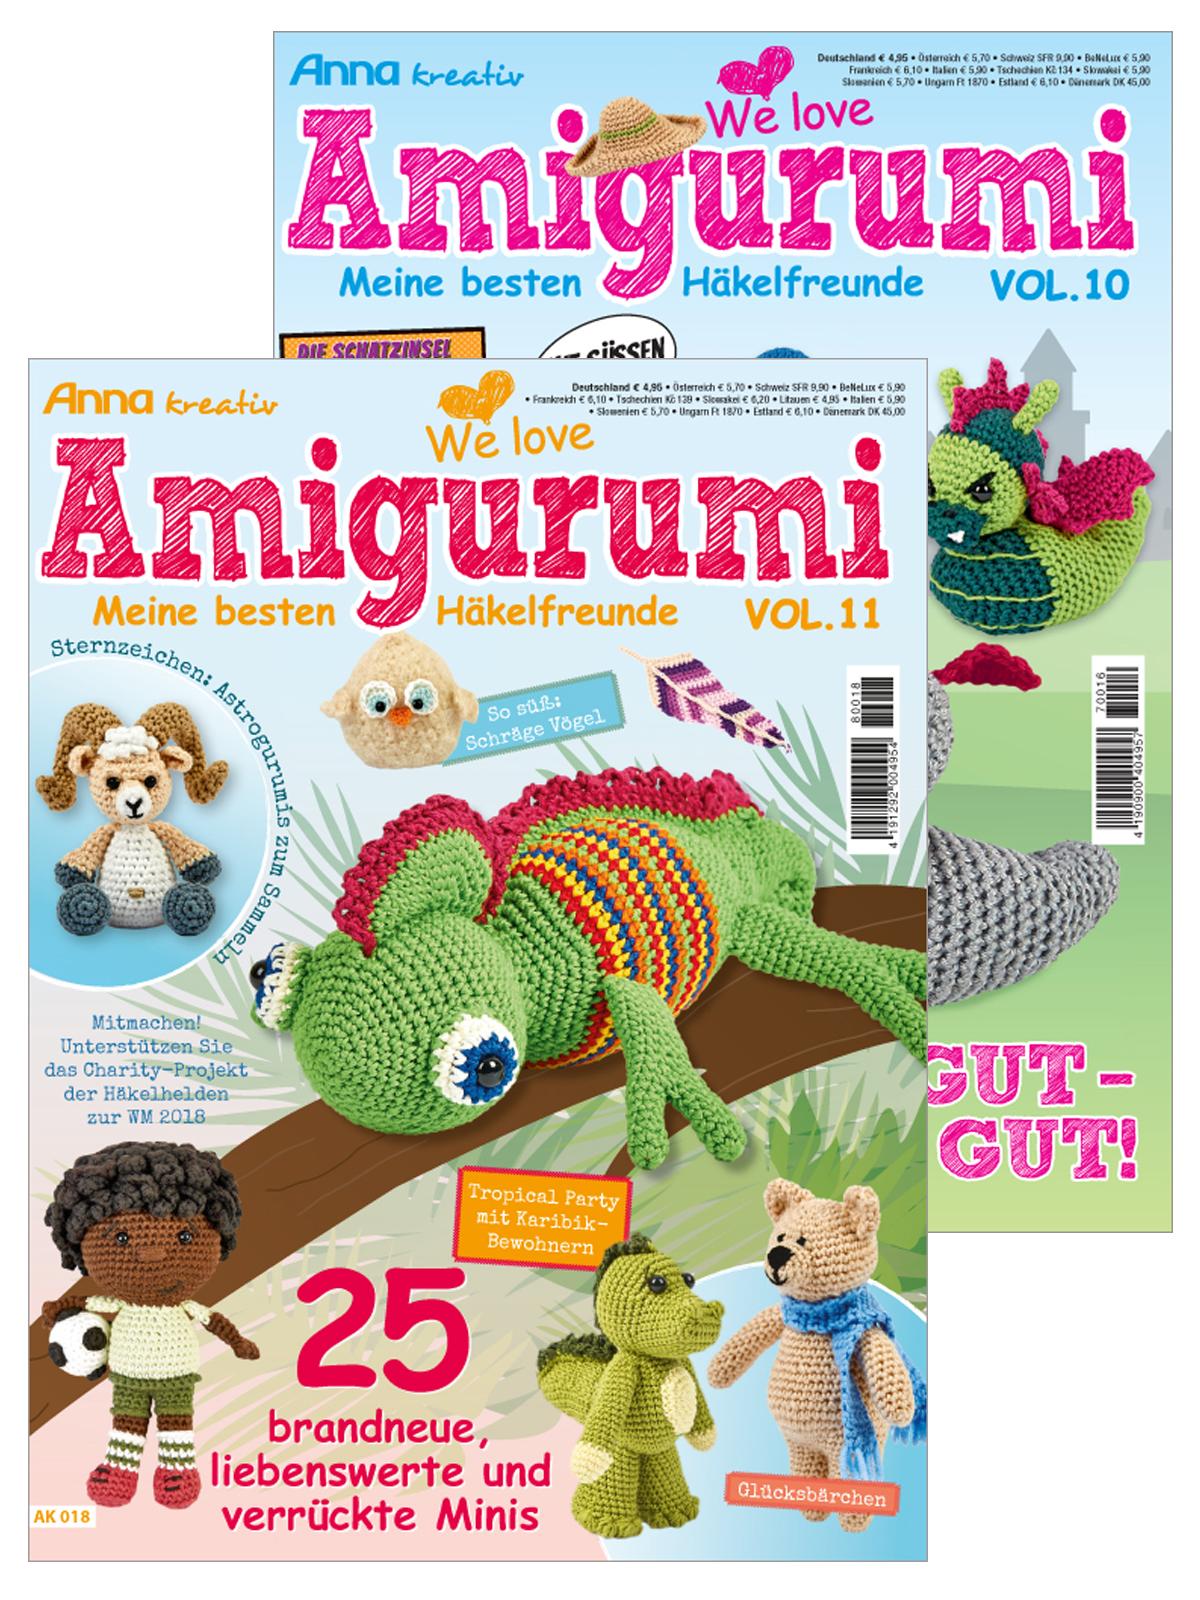 Zwei Zeitschriften: Amigurumispaß im Doppelpack - Vol. 11 und Vol. 10